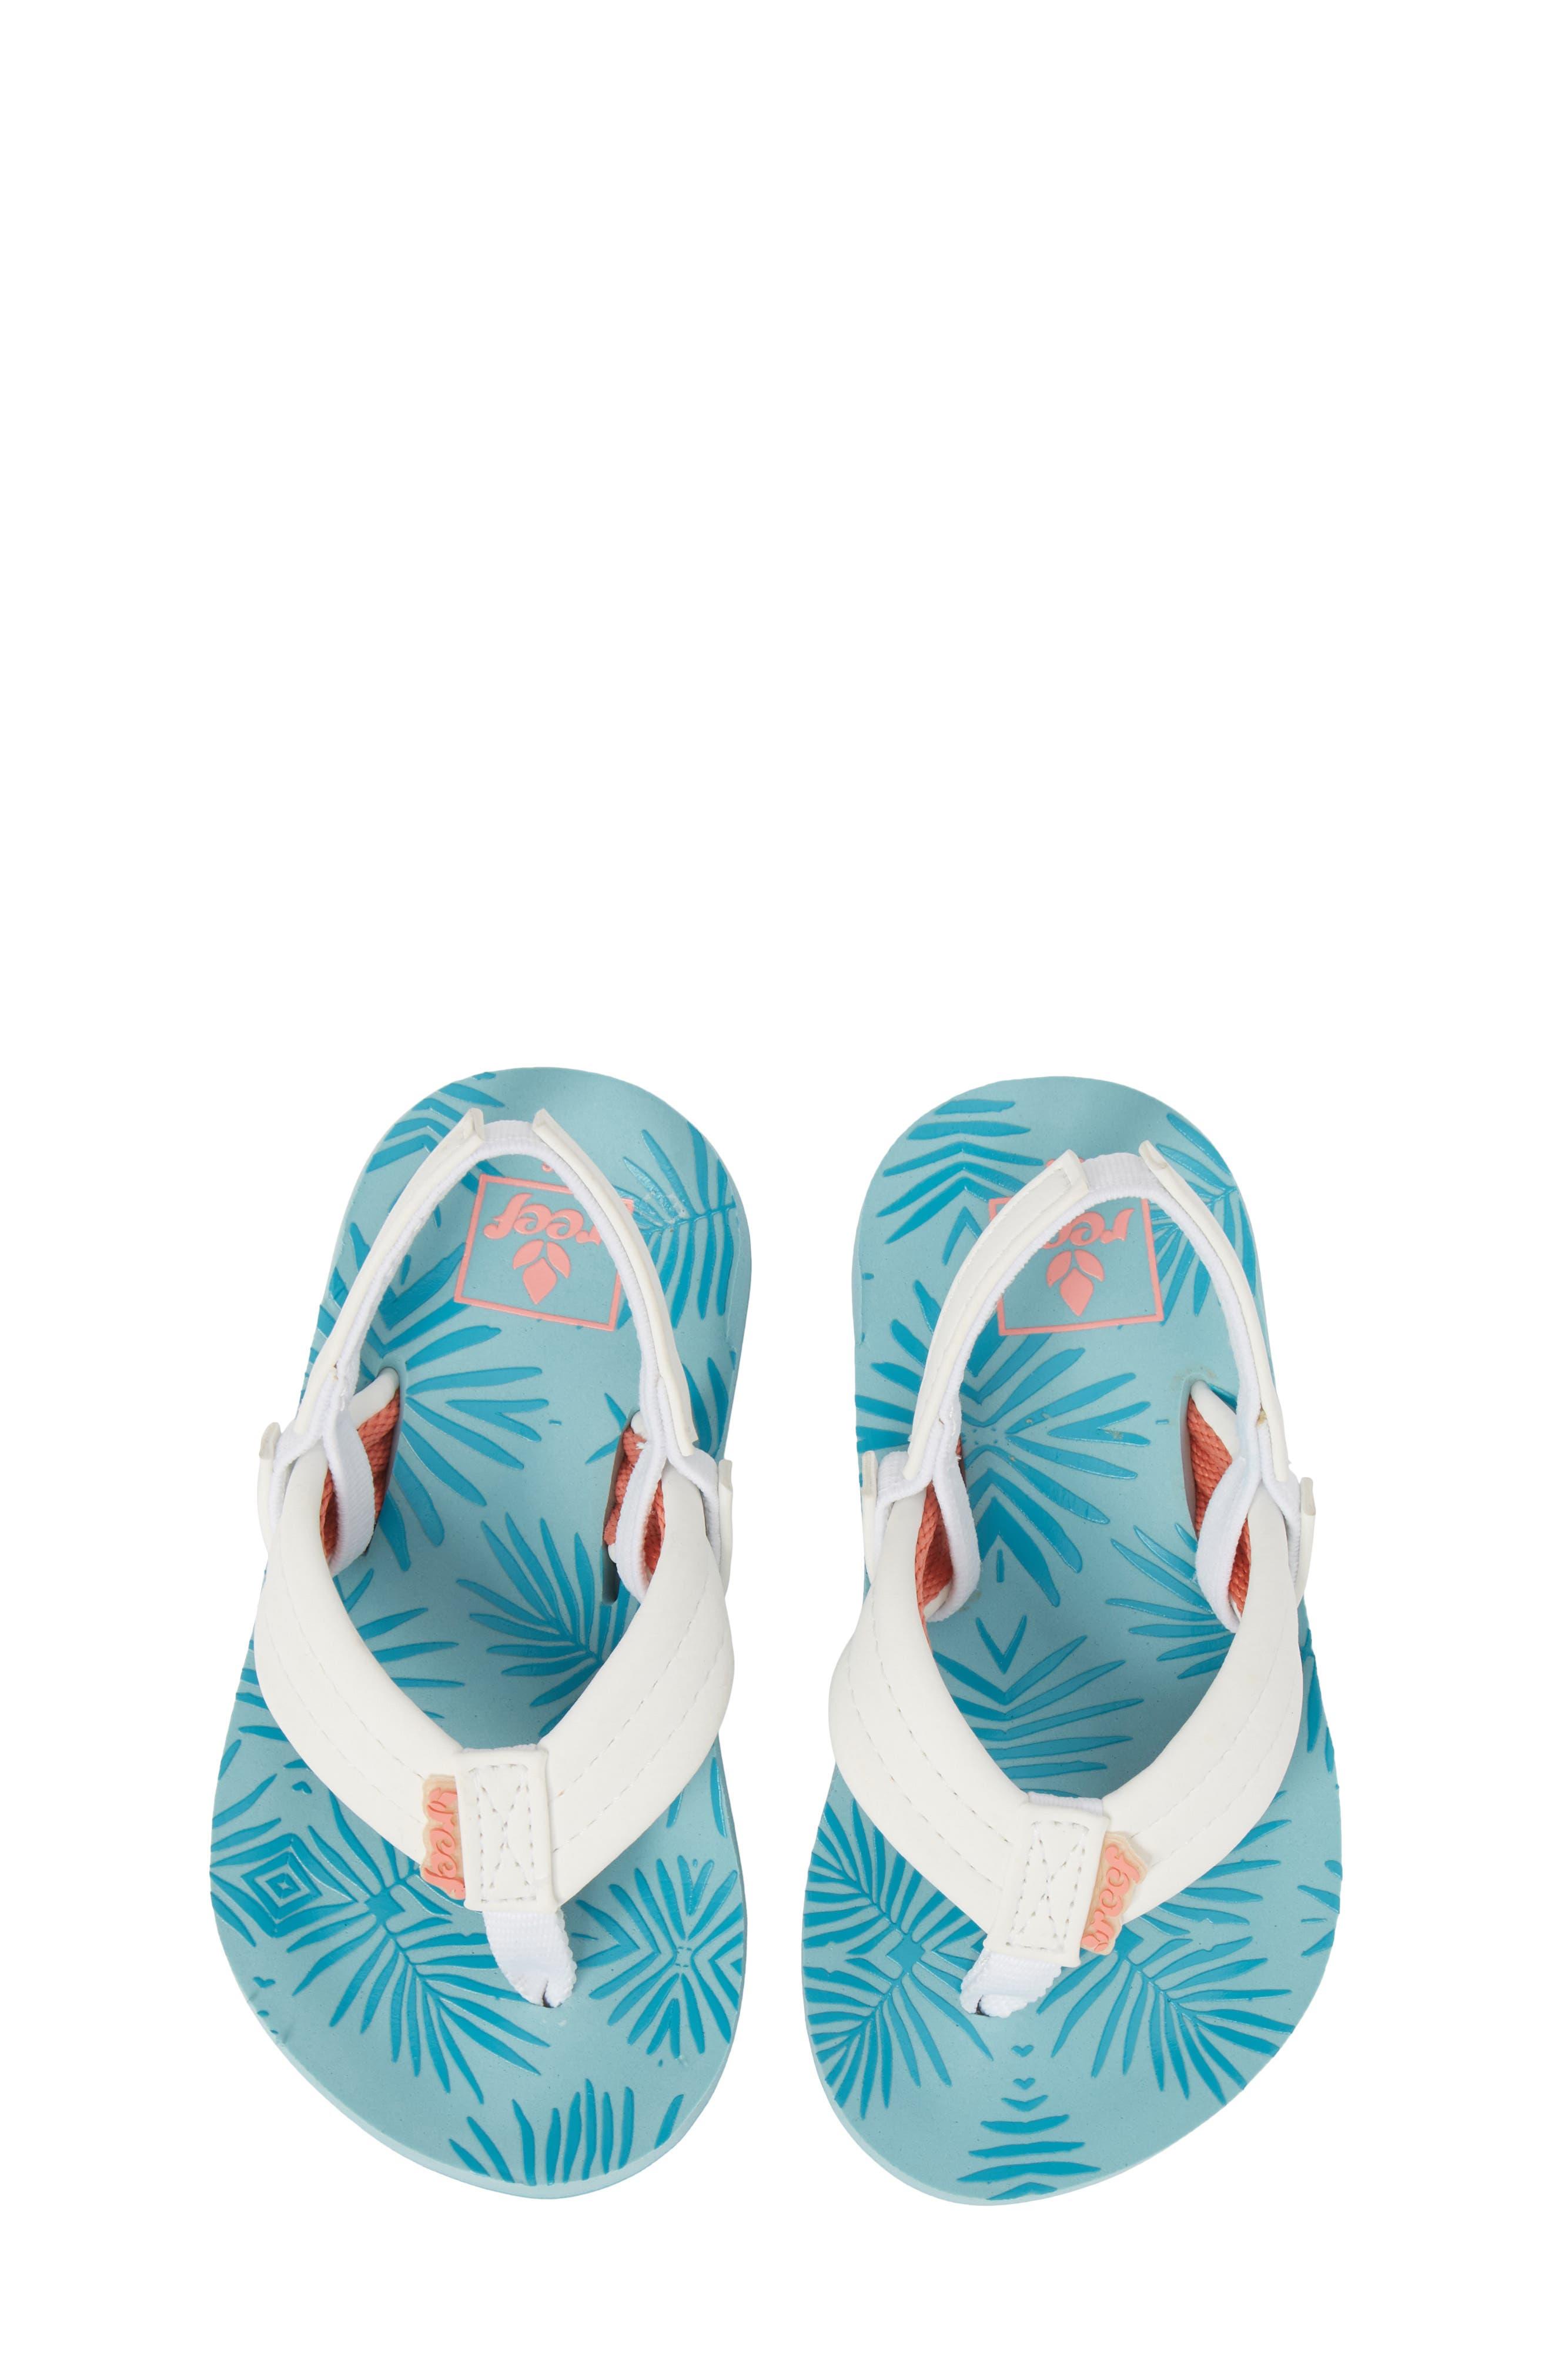 Reef Little Reef Footprints Sandal (Baby, Walker, Toddler, Little Kid & Big Kid)